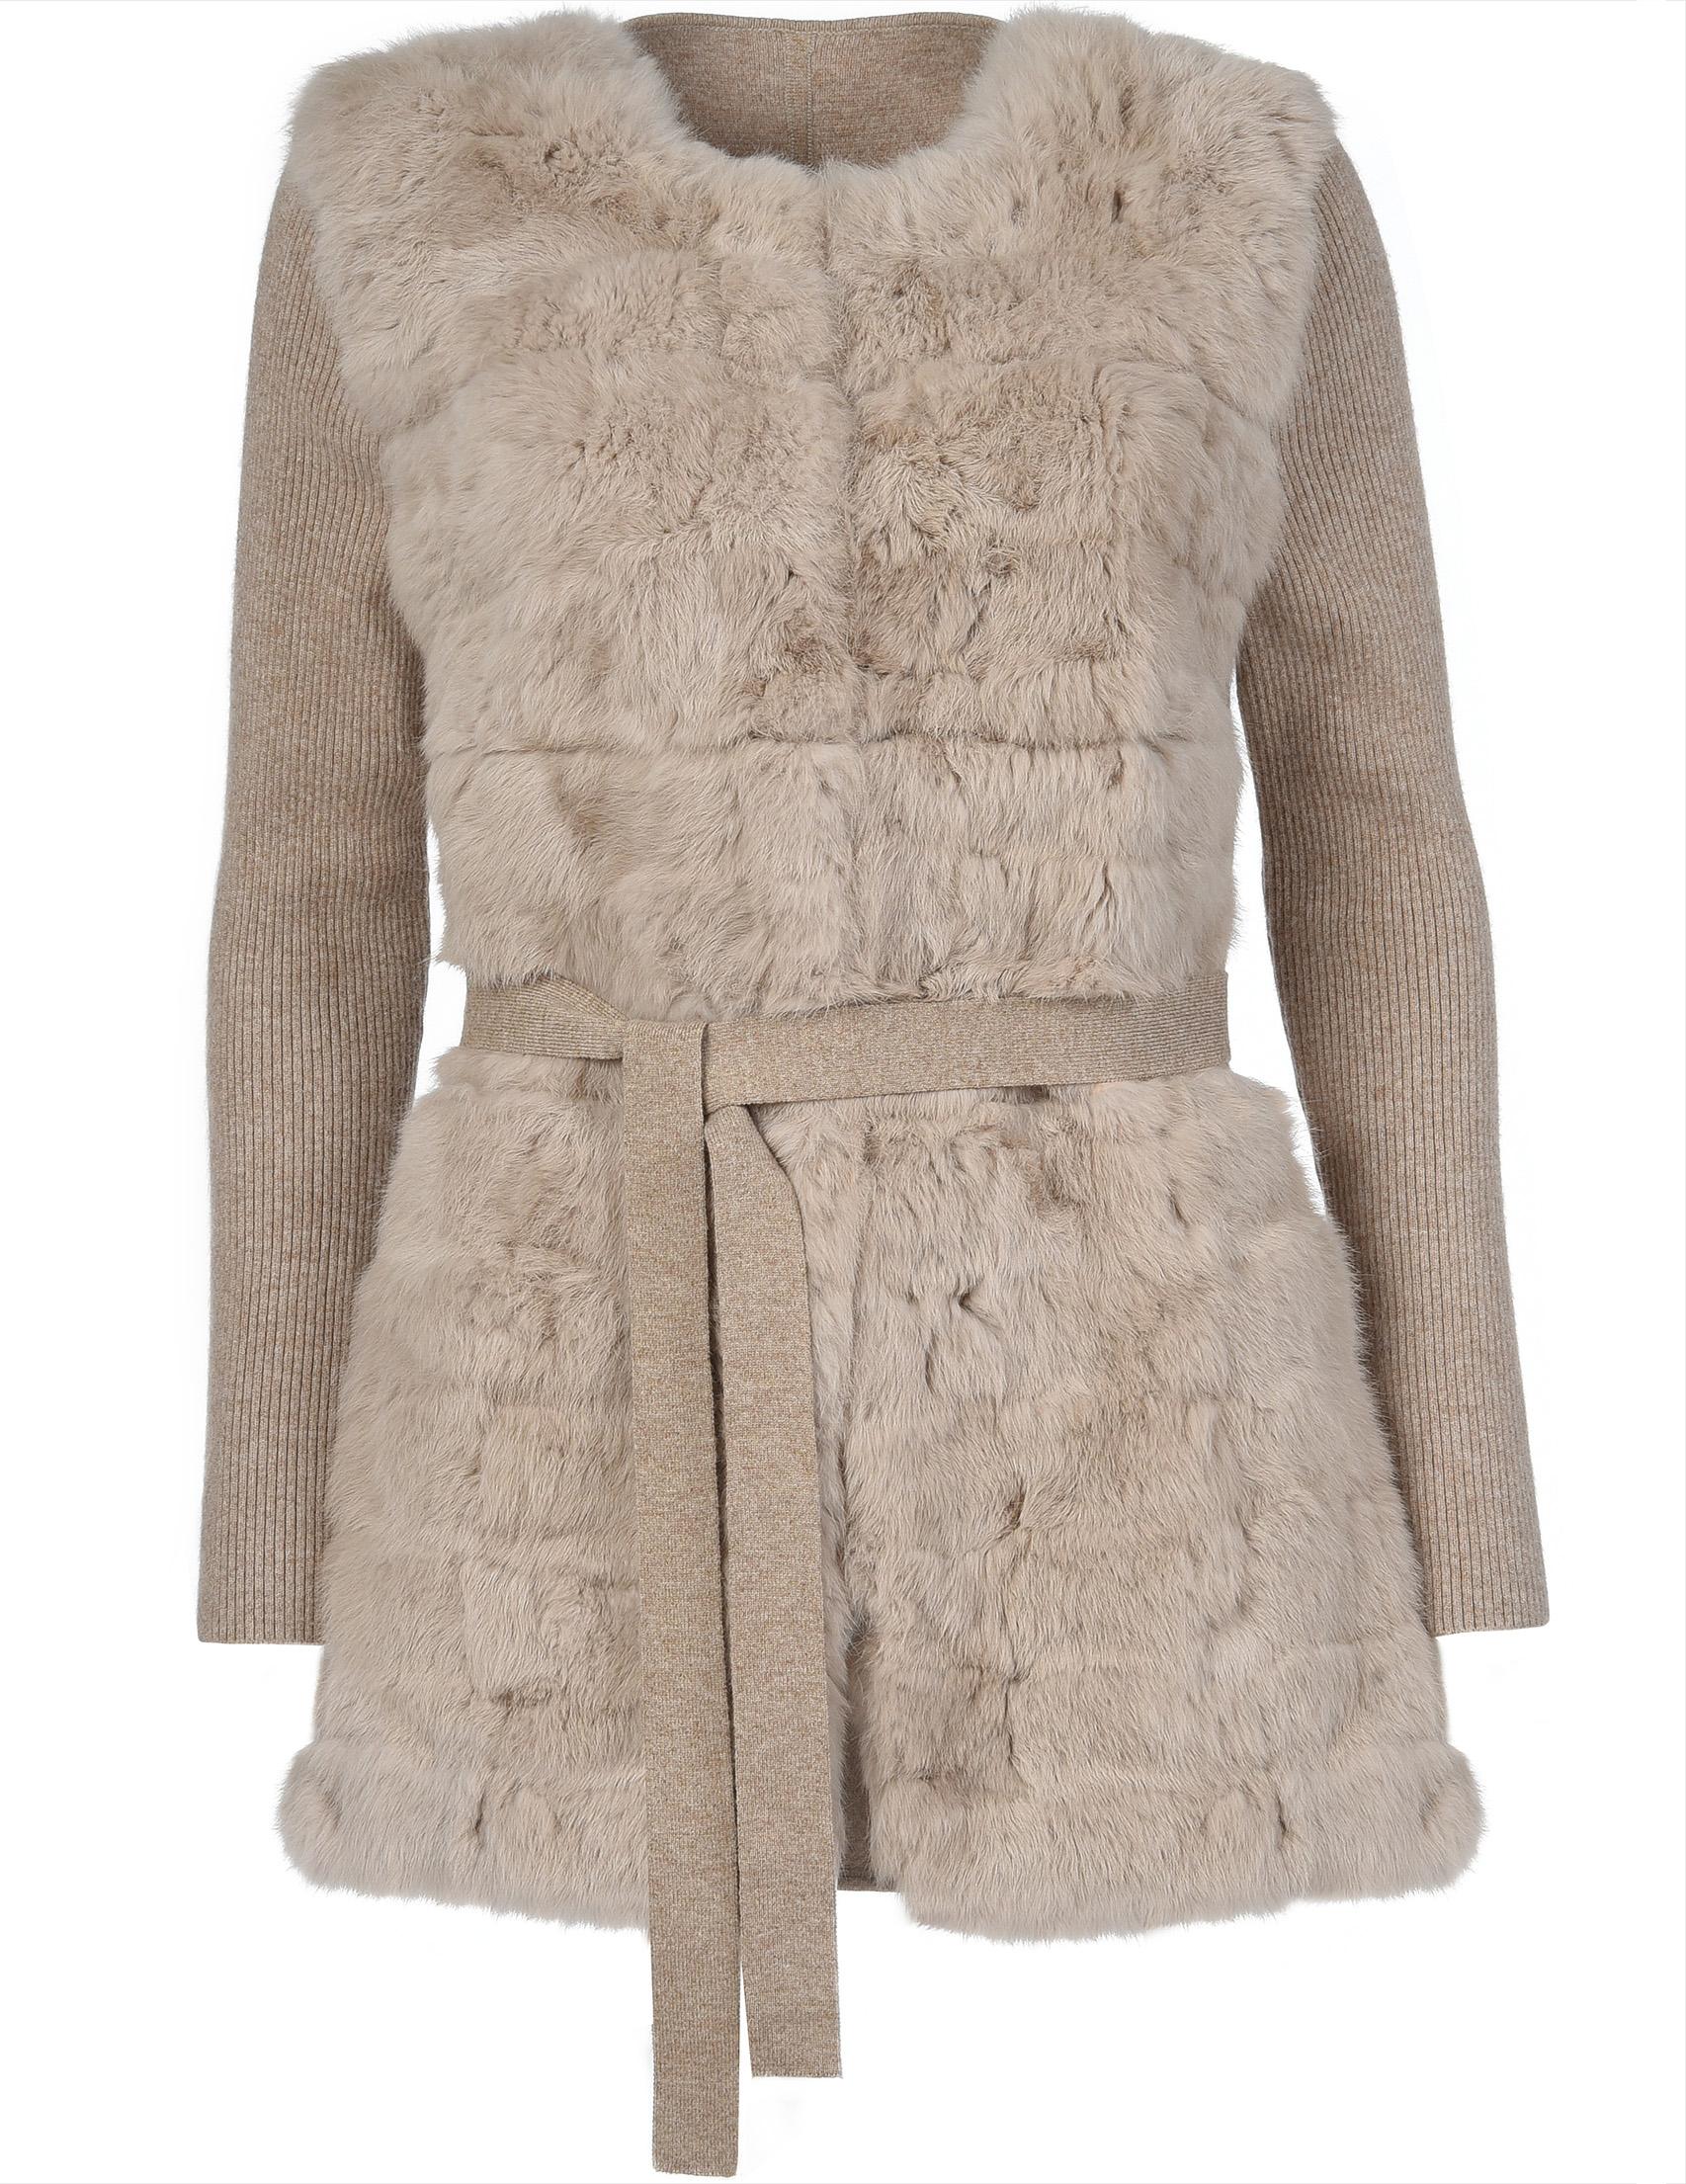 Купить Пальто, GALLOTTI, Бежевый, 38%Полиэстер 26%Шерсть 16%Вискоза 20%, Осень-Зима